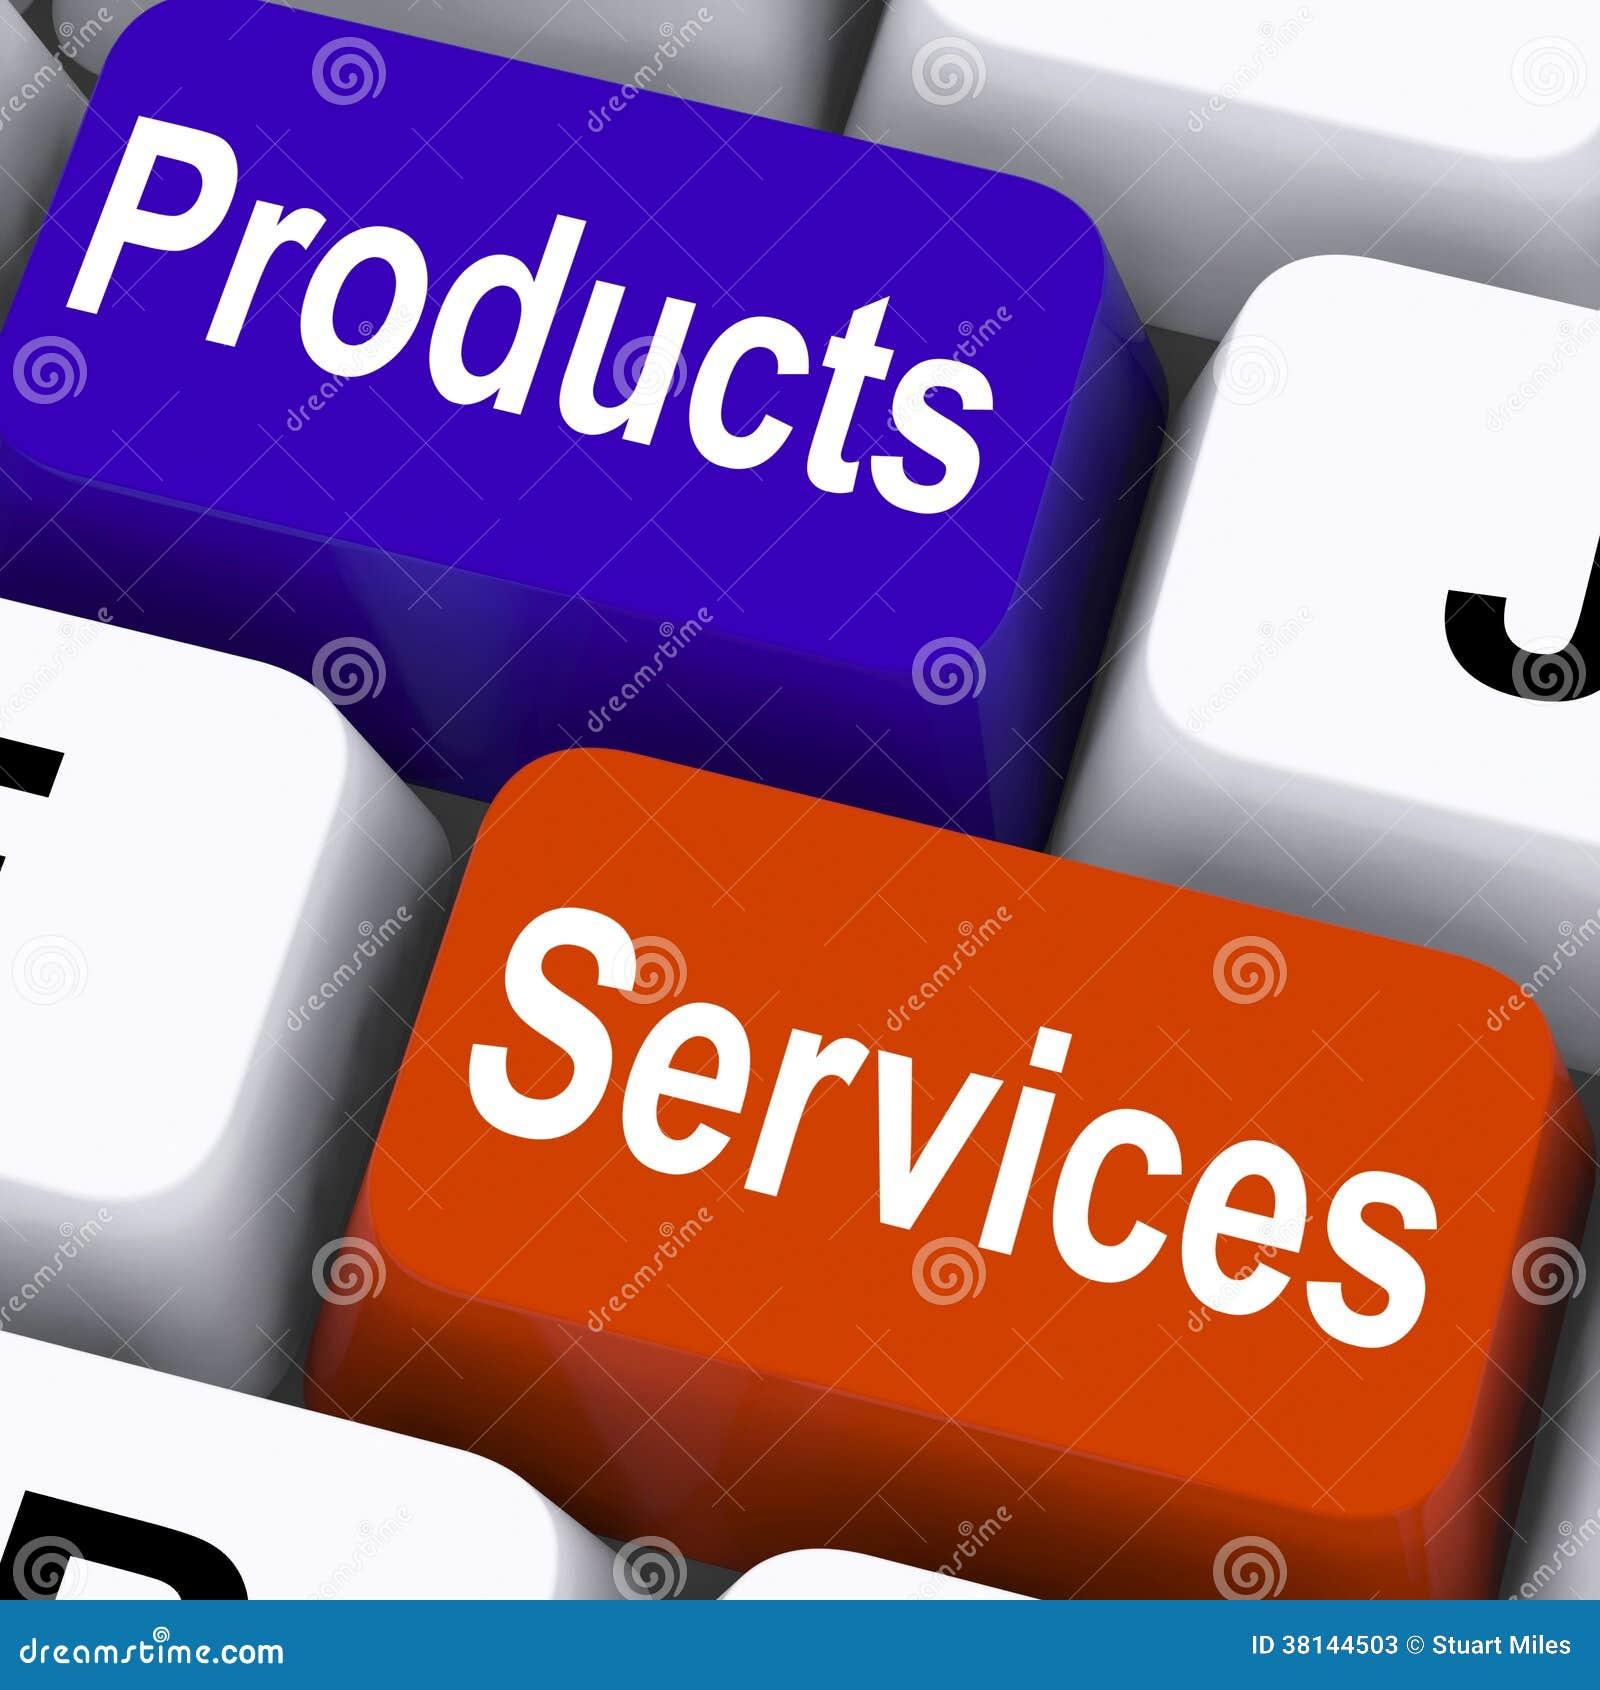 0ea7dc7a1a2a4 Bens De Produtos Serviços Chaves Mostrar Empresa Ilustração Stock ...